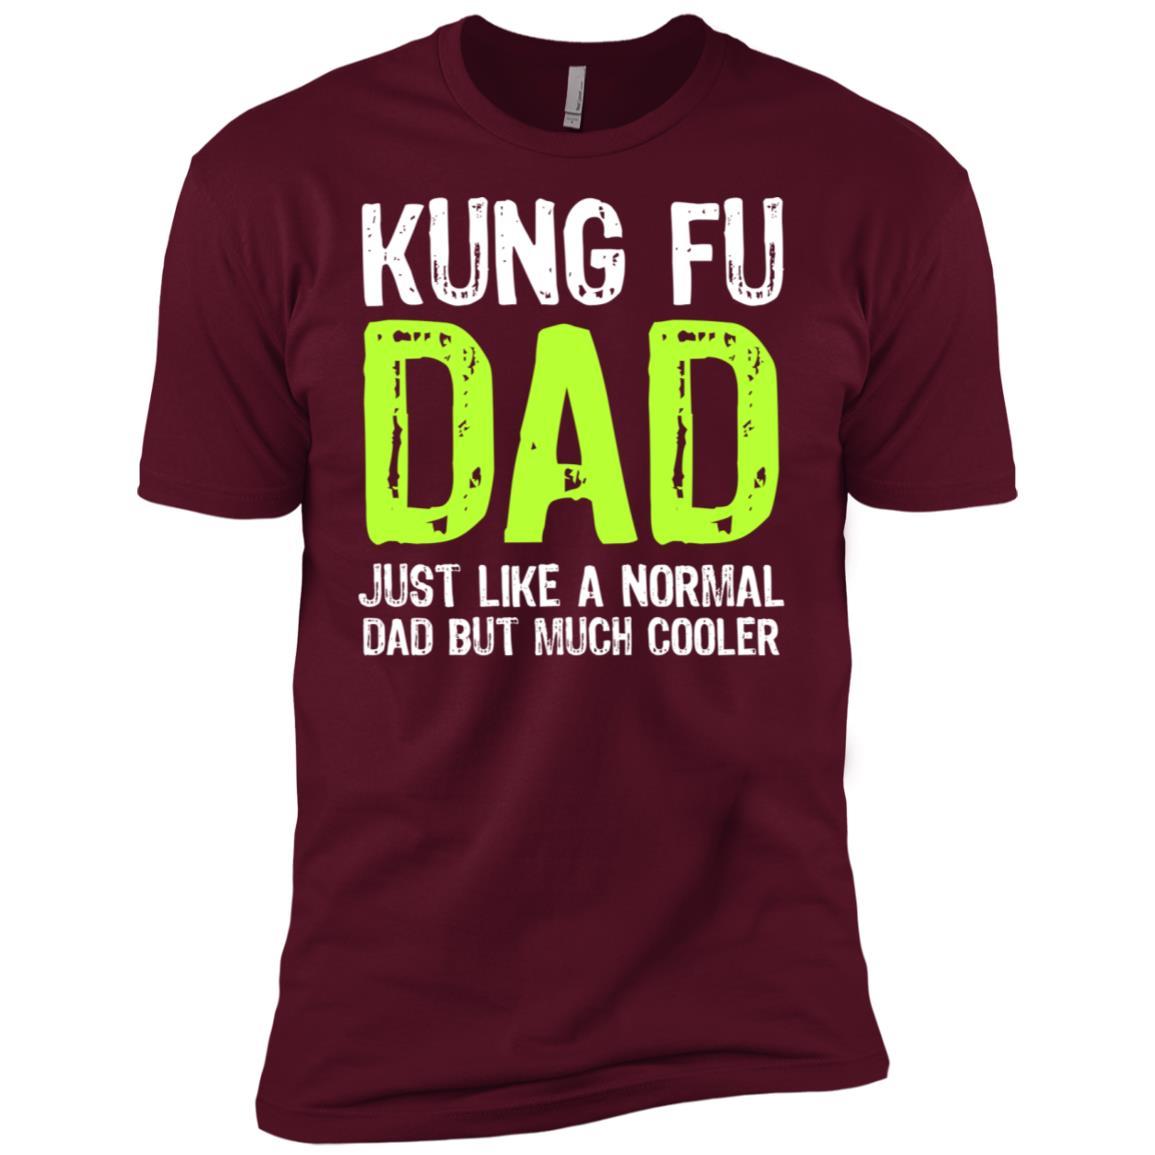 Kung Fu Dad But Much Cooler Hobbyist s-1 Men Short Sleeve T-Shirt